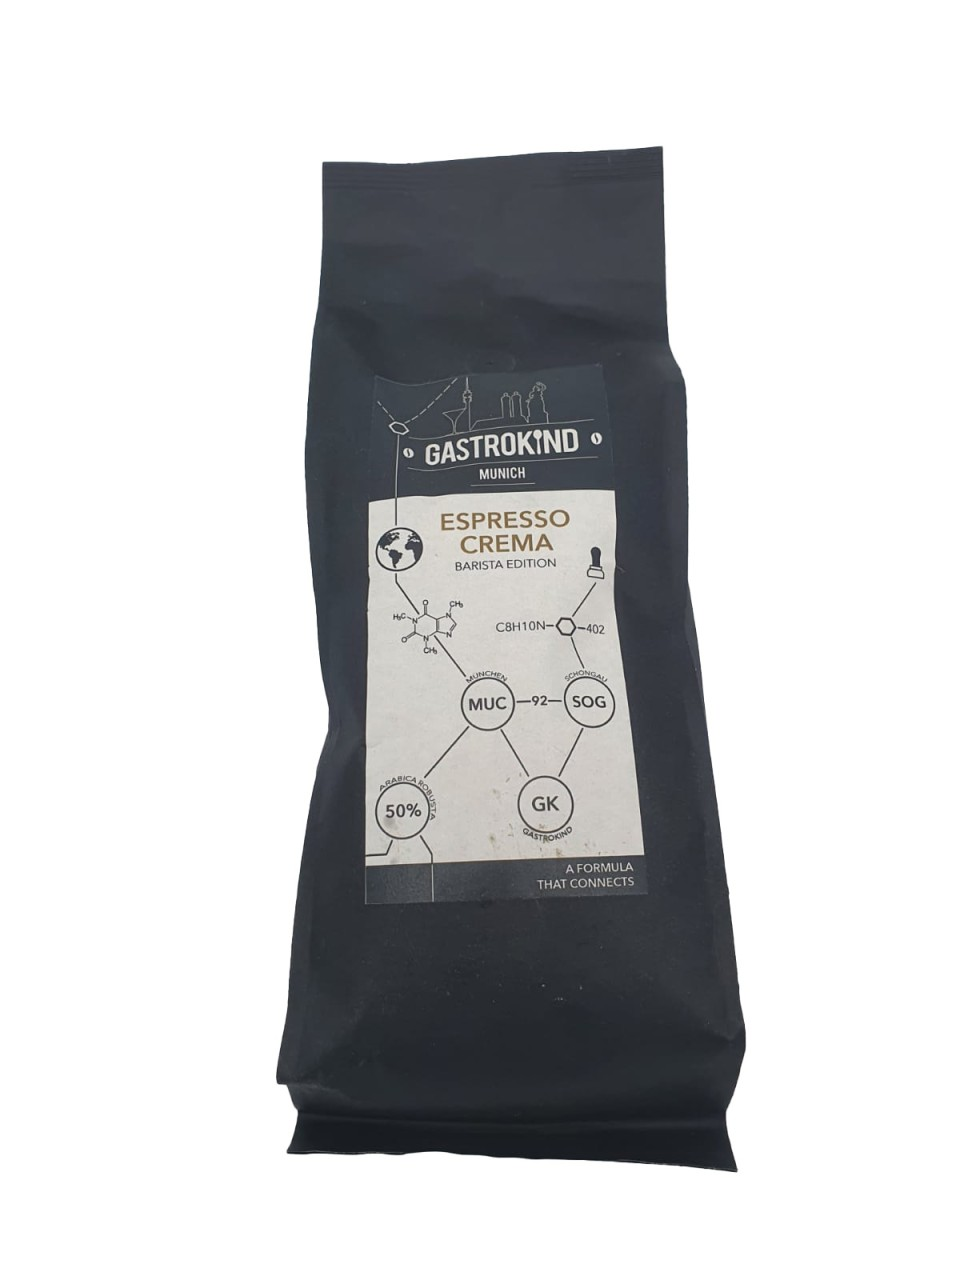 Gastrokind Espresso Crema Barista Edition 1 kg Bohne